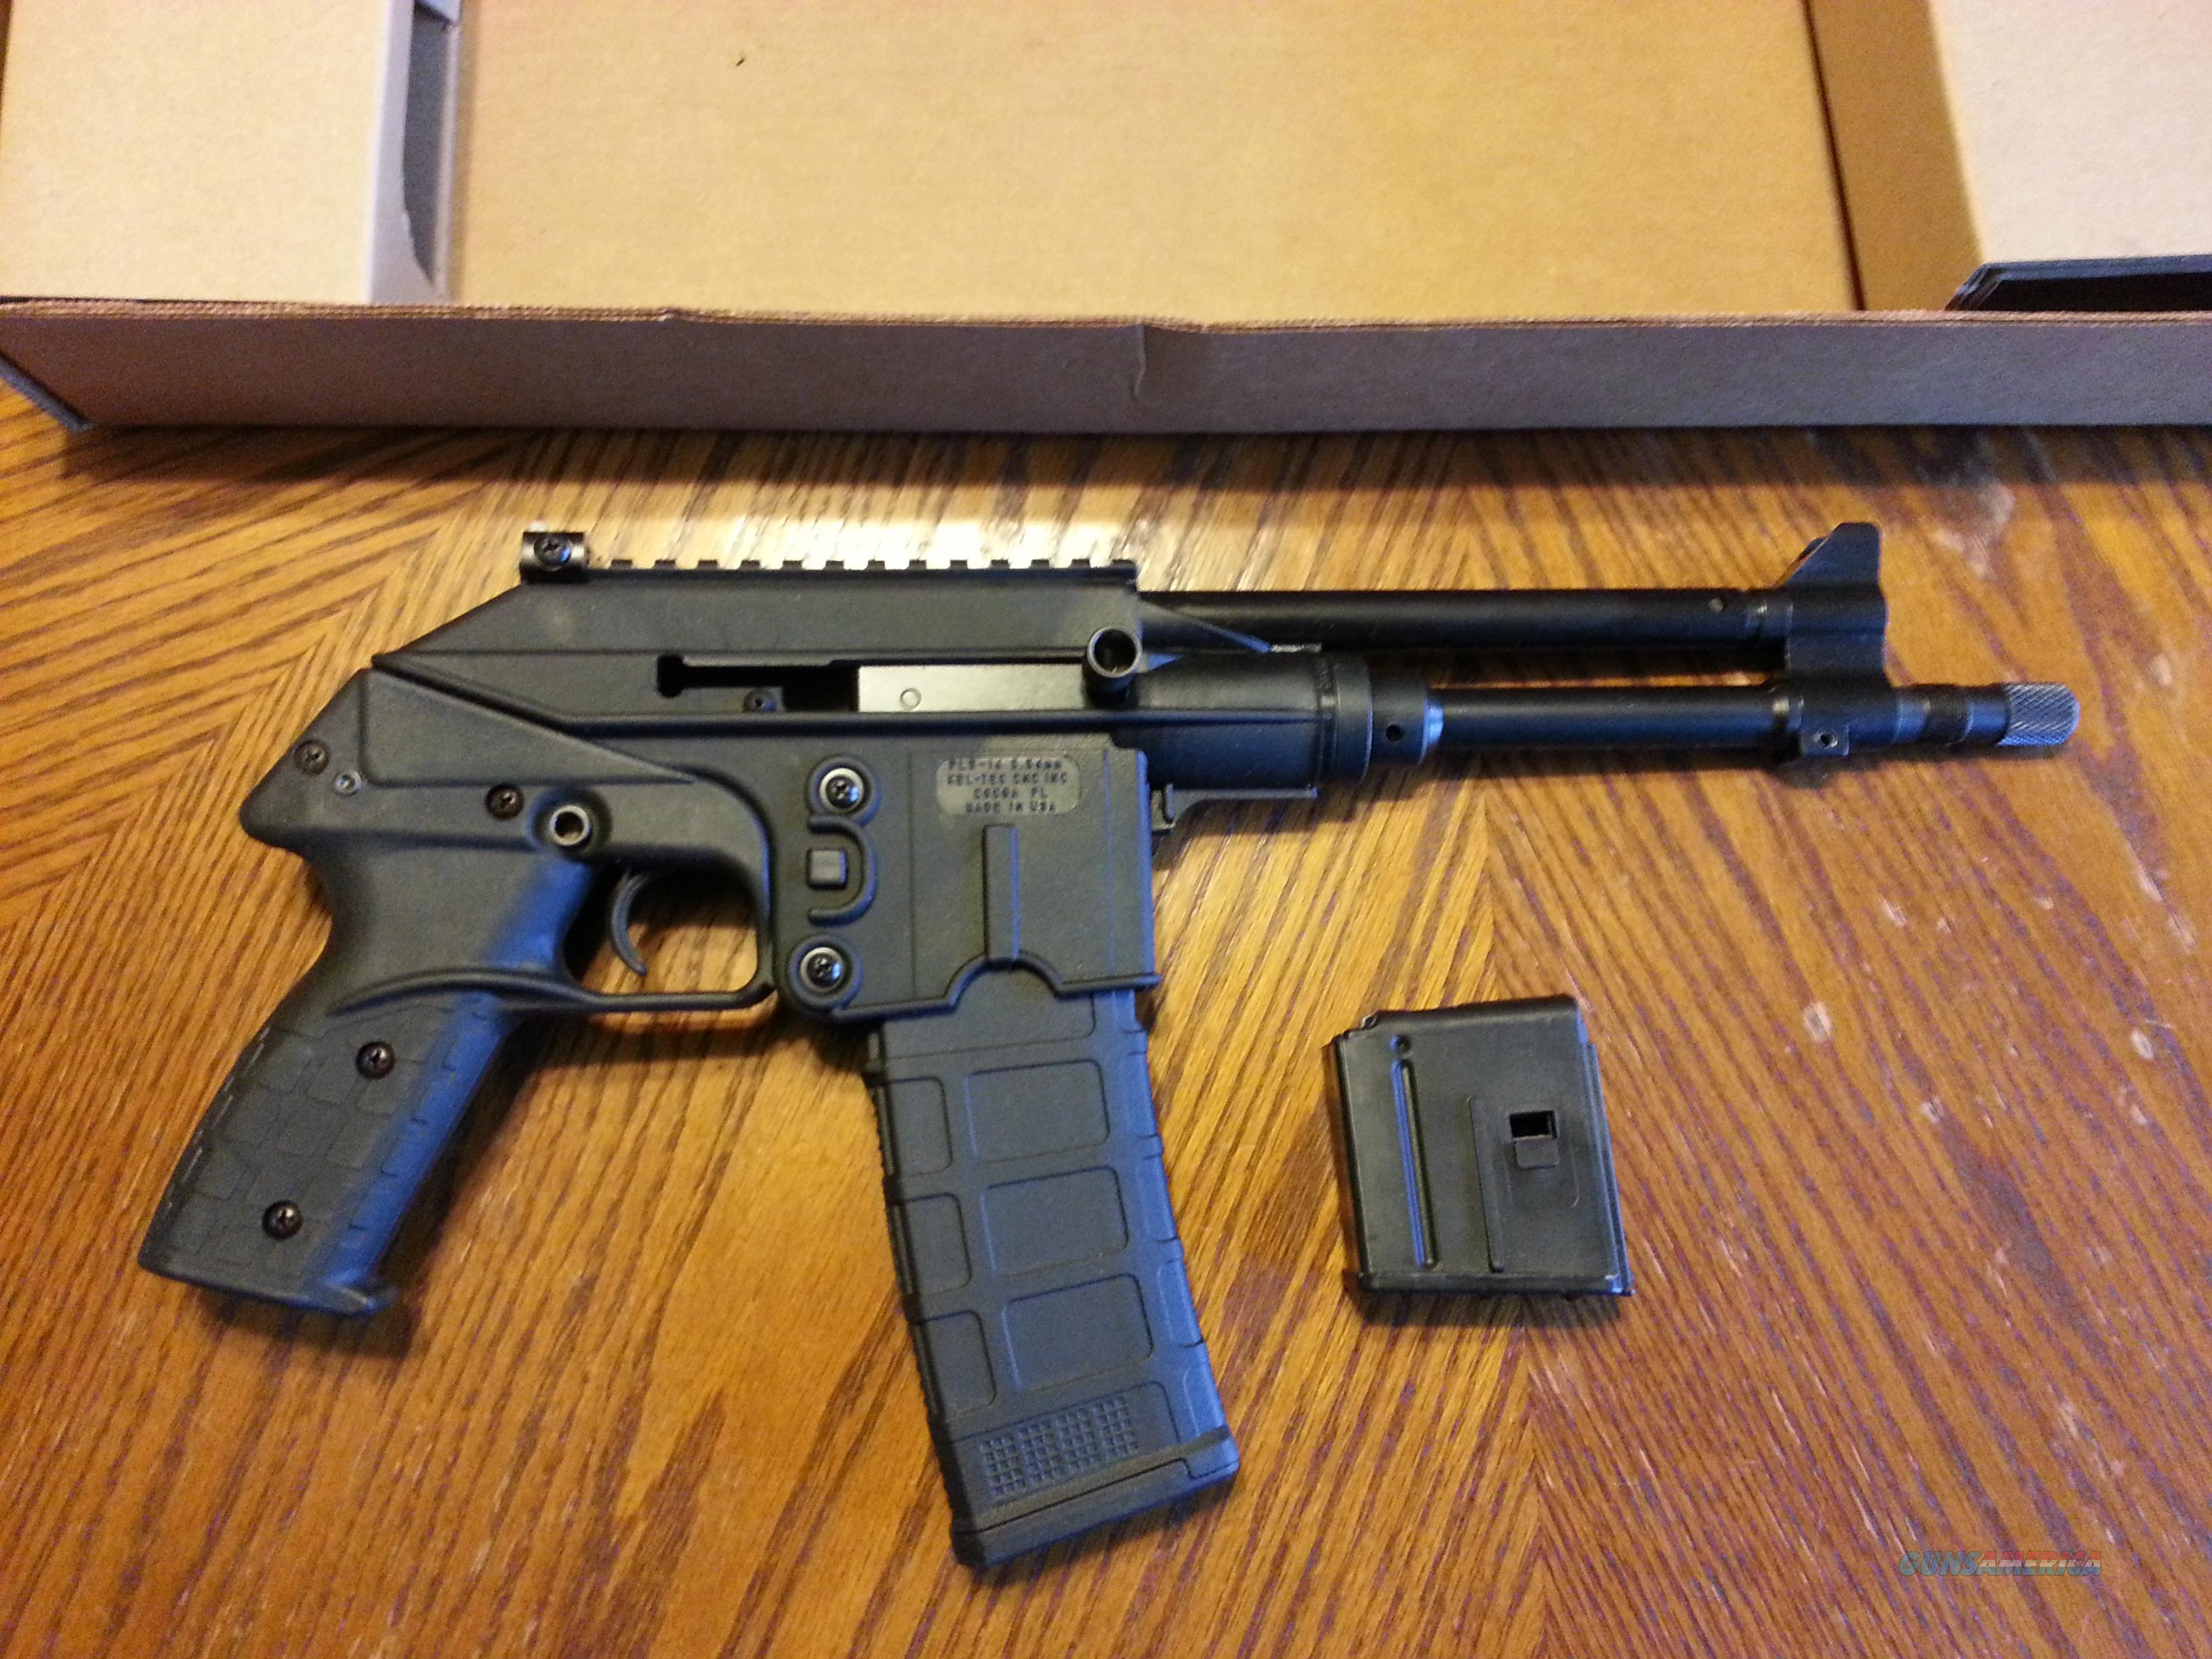 Kel-Tec PLR 16, AR 15 Pistol, 30 Round, 5 56/ 223, Lightweight, 9